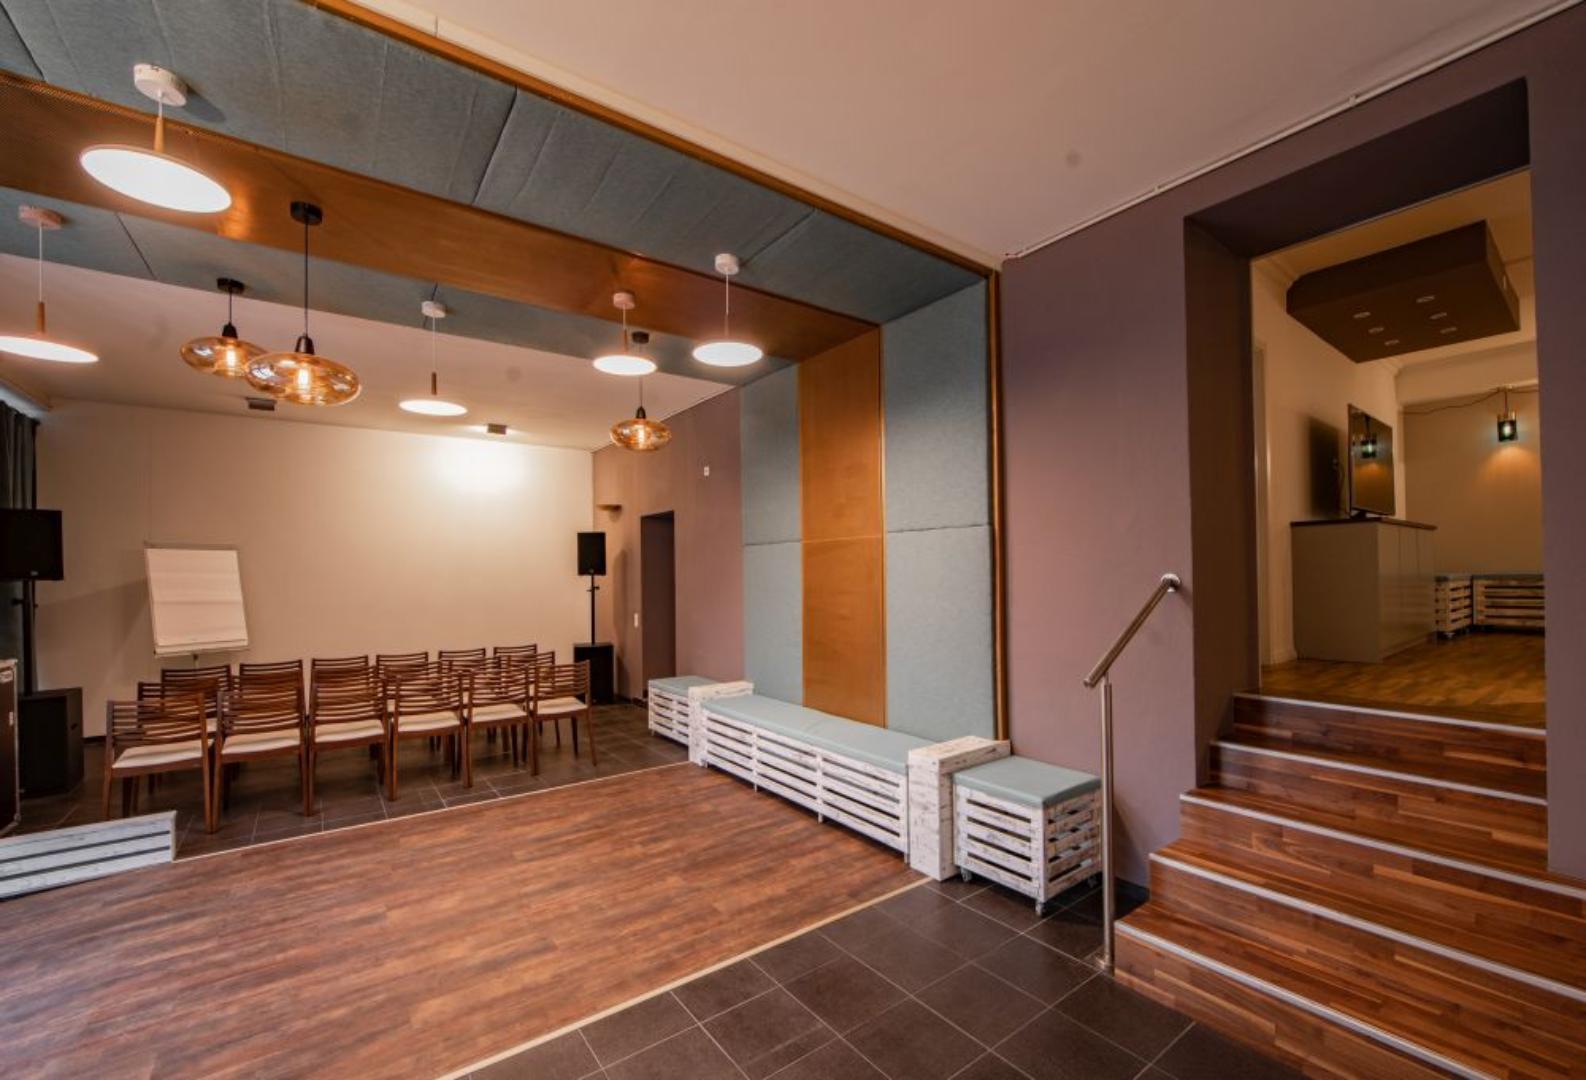 Palais Studios entrance area